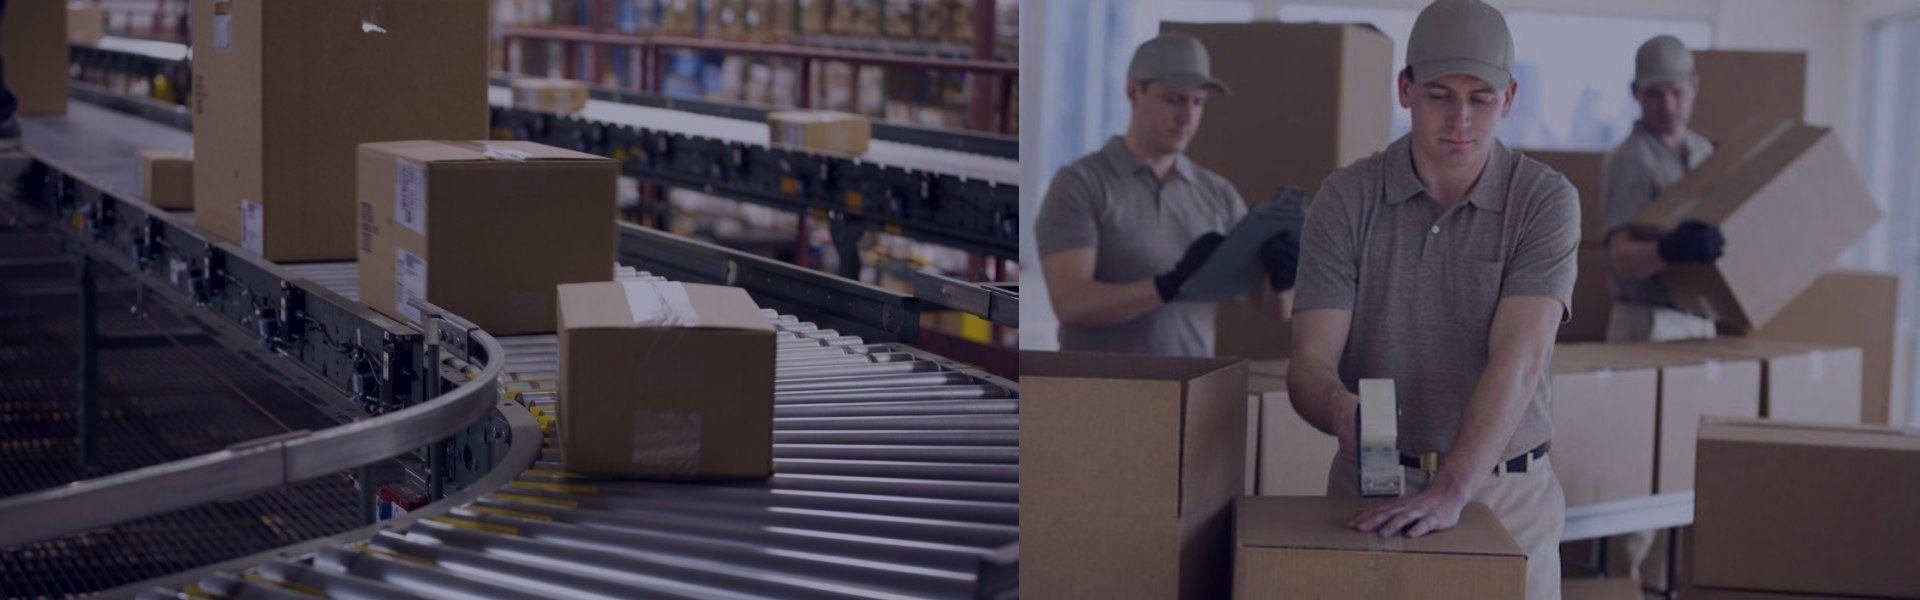 Lagerung, Verpackung, Kurier in einem und auch noch billiger